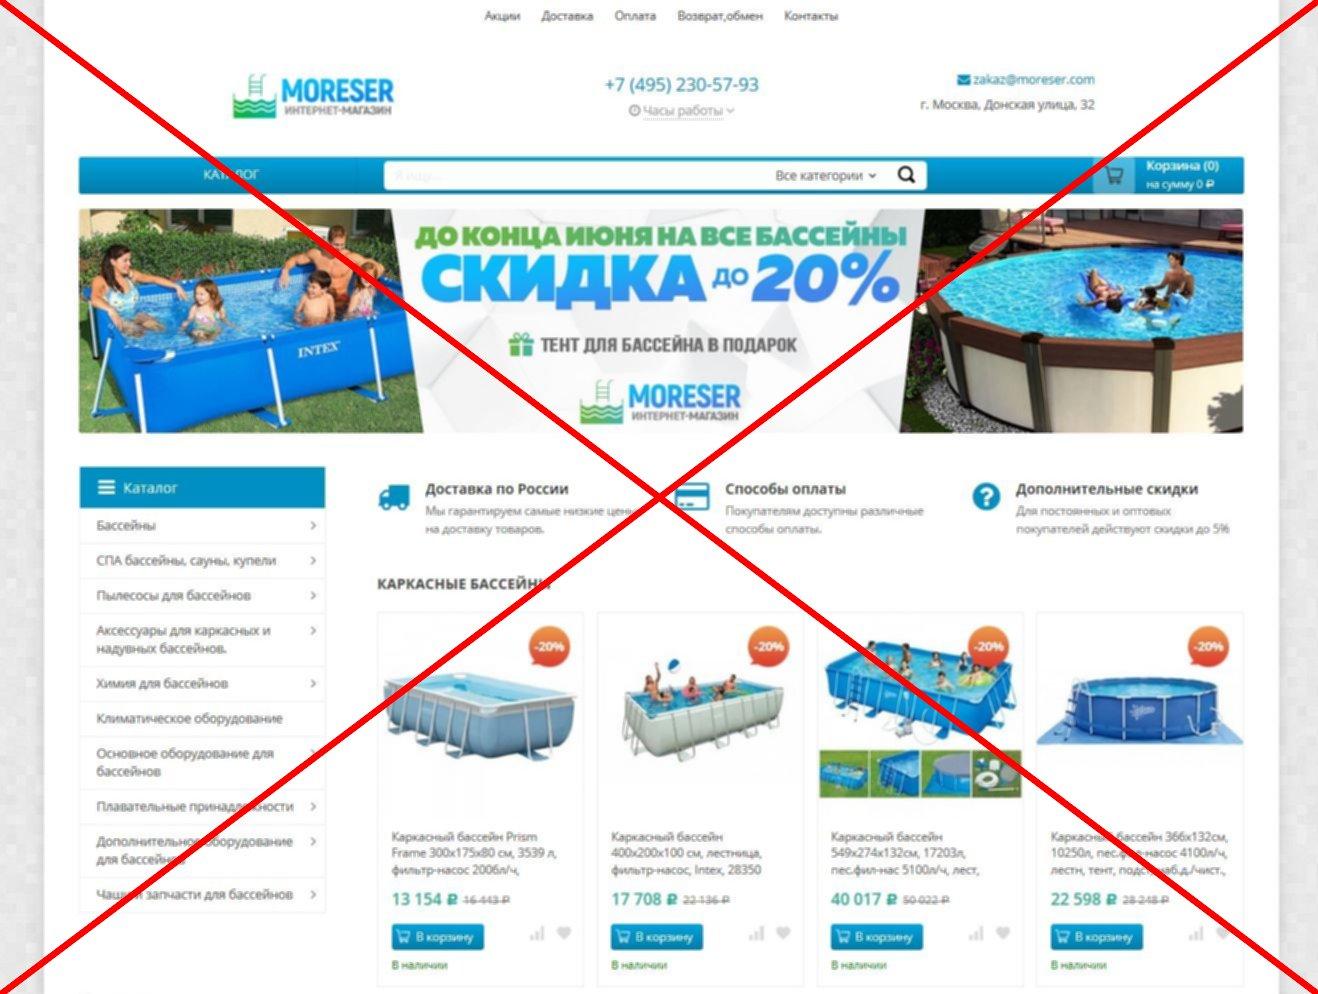 Скрины moreser.com, termono.com